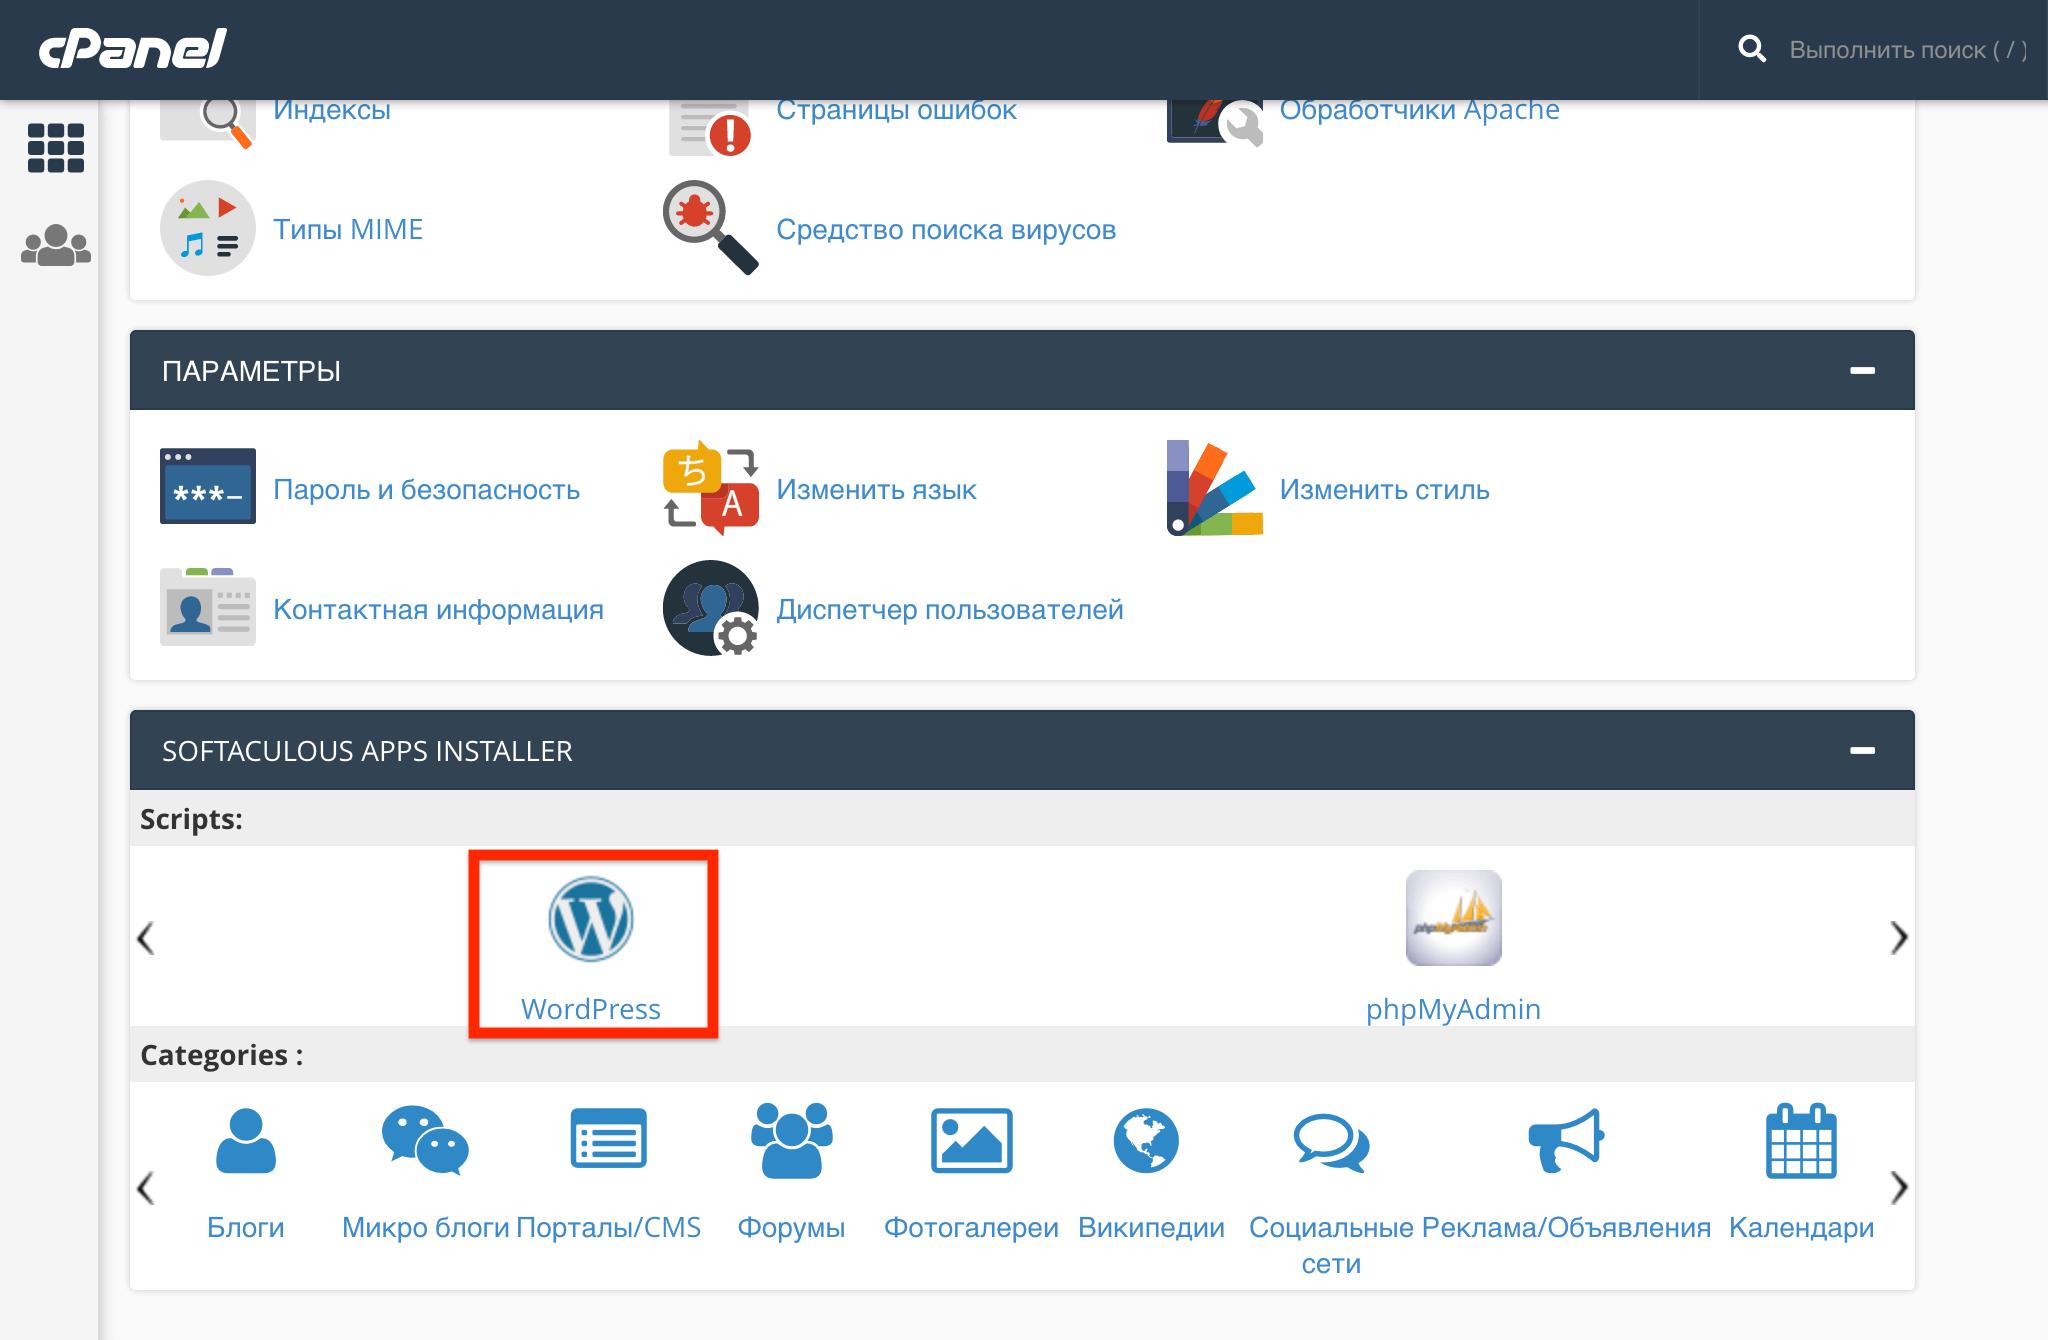 Установка WordPress с помощью автоматического установщика скриптов в cPanel